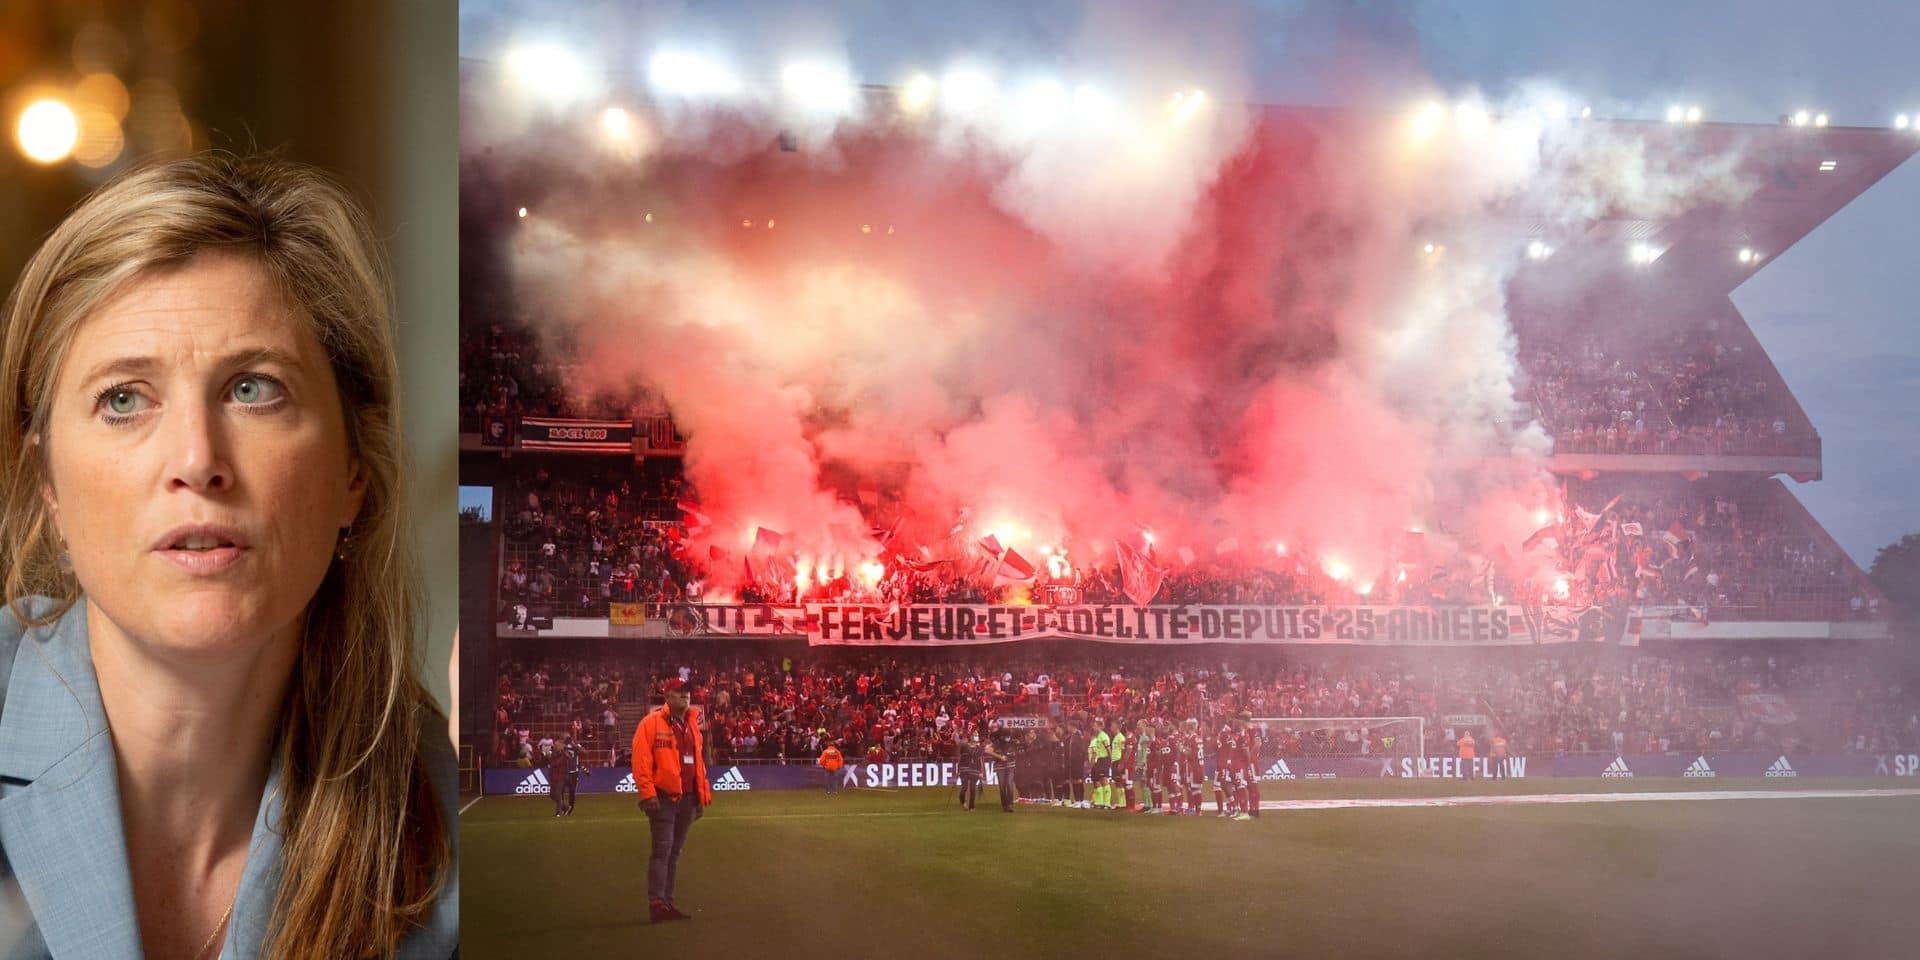 """Fumigènes interdits dans nos stades : la colère des supporters, """"la ministre surestime leur danger"""""""